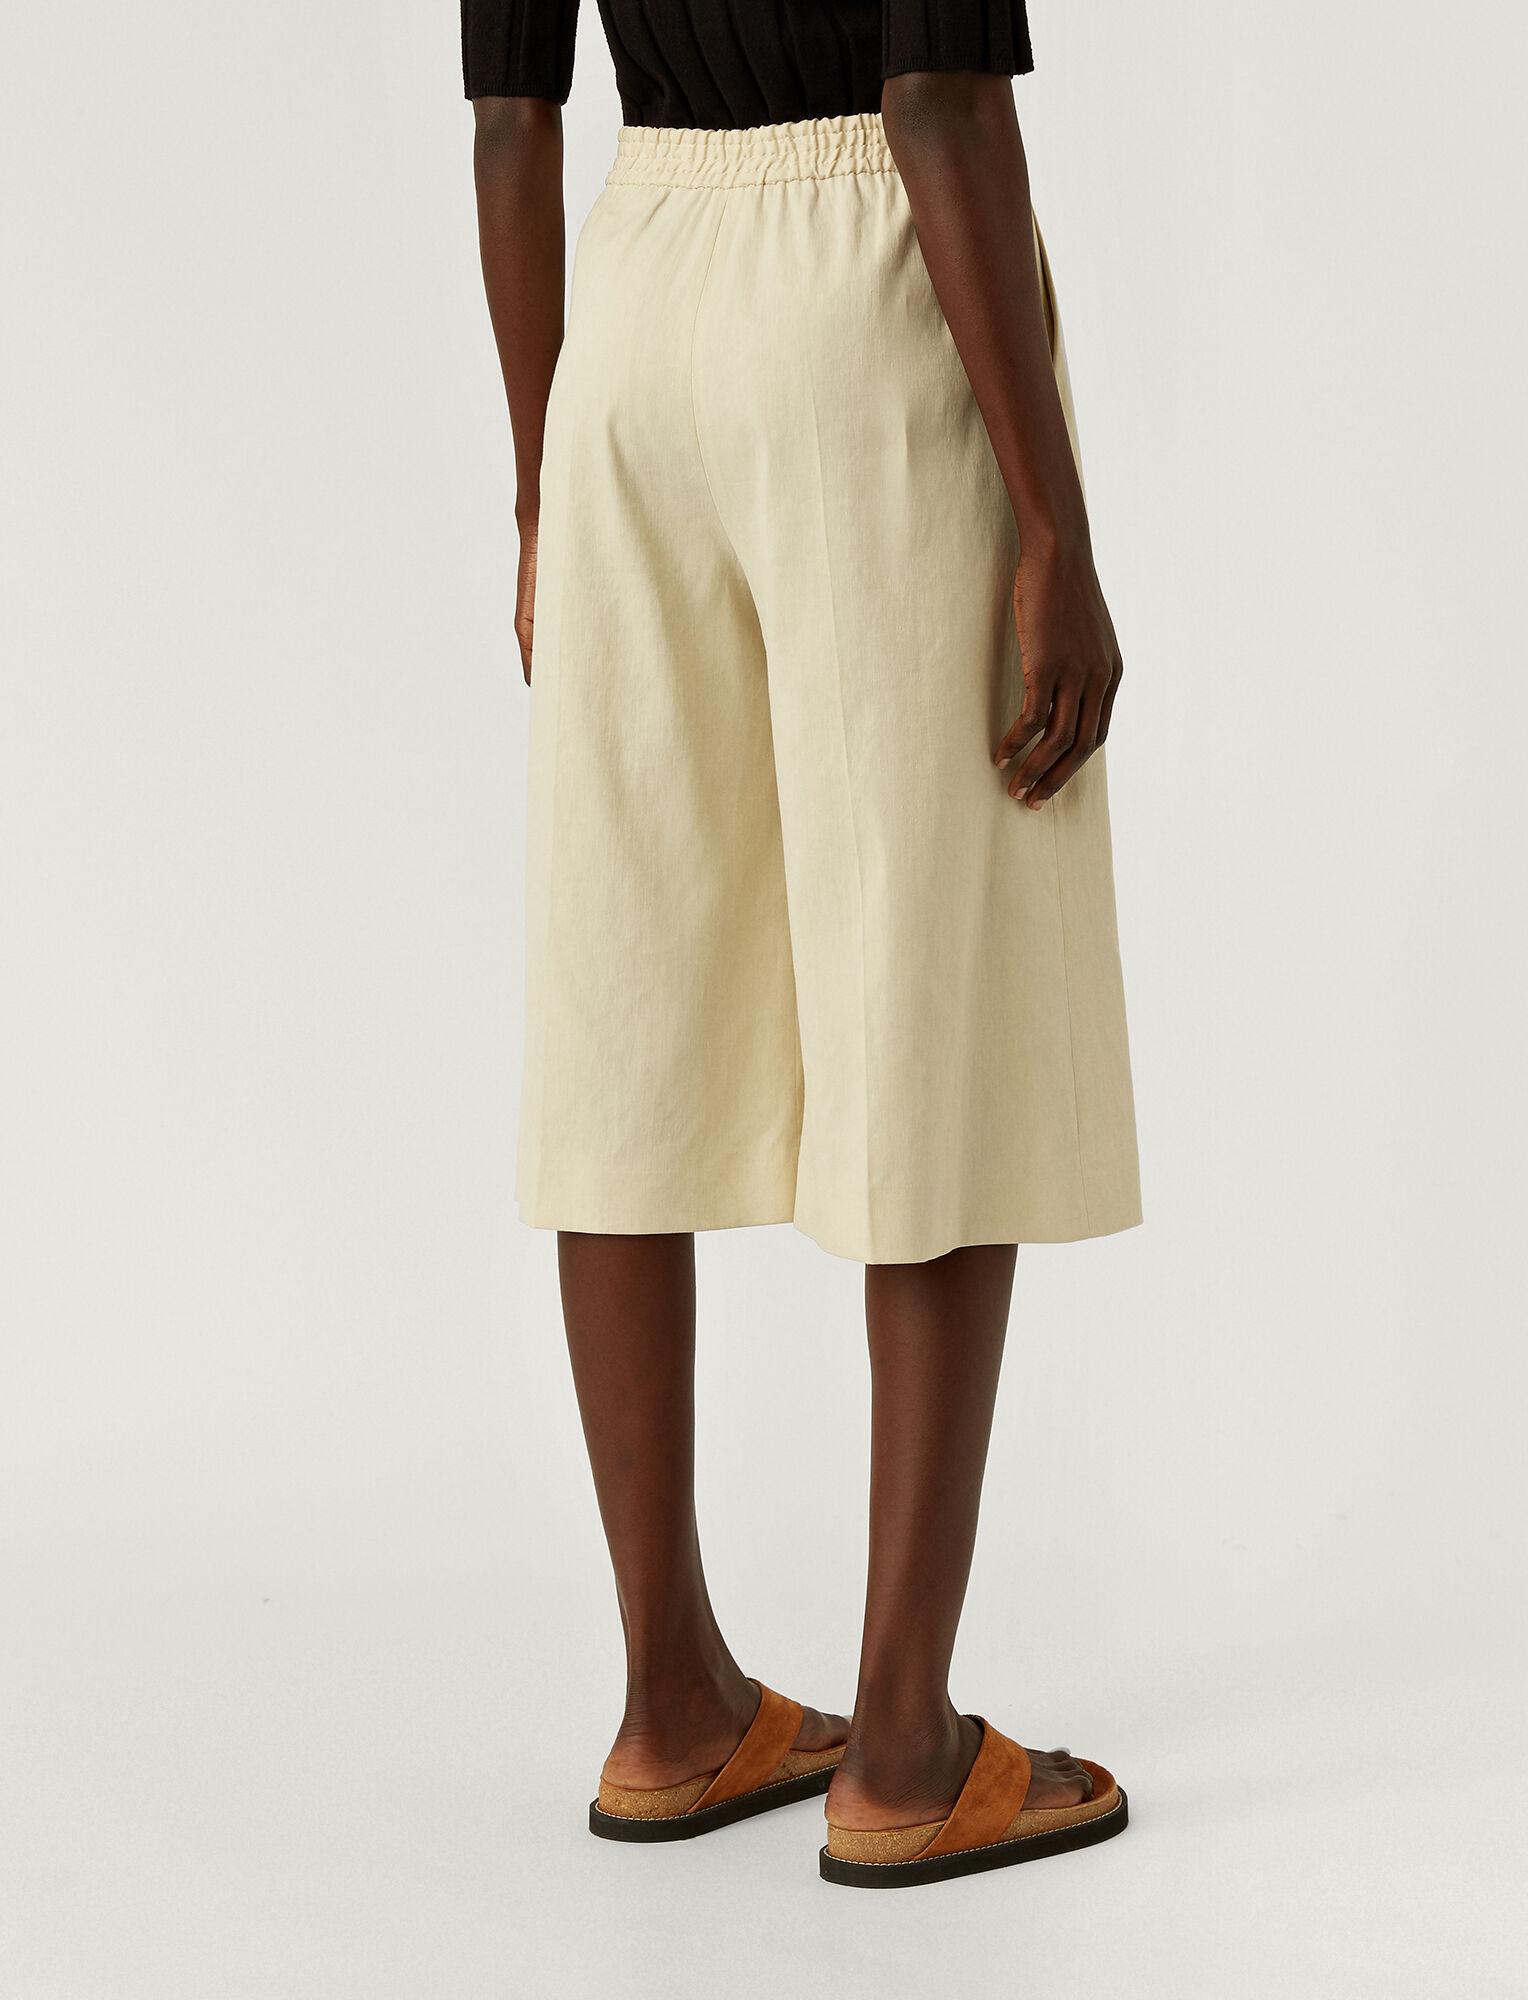 Joseph, Stretch Linen Tan Shorts, in OAT